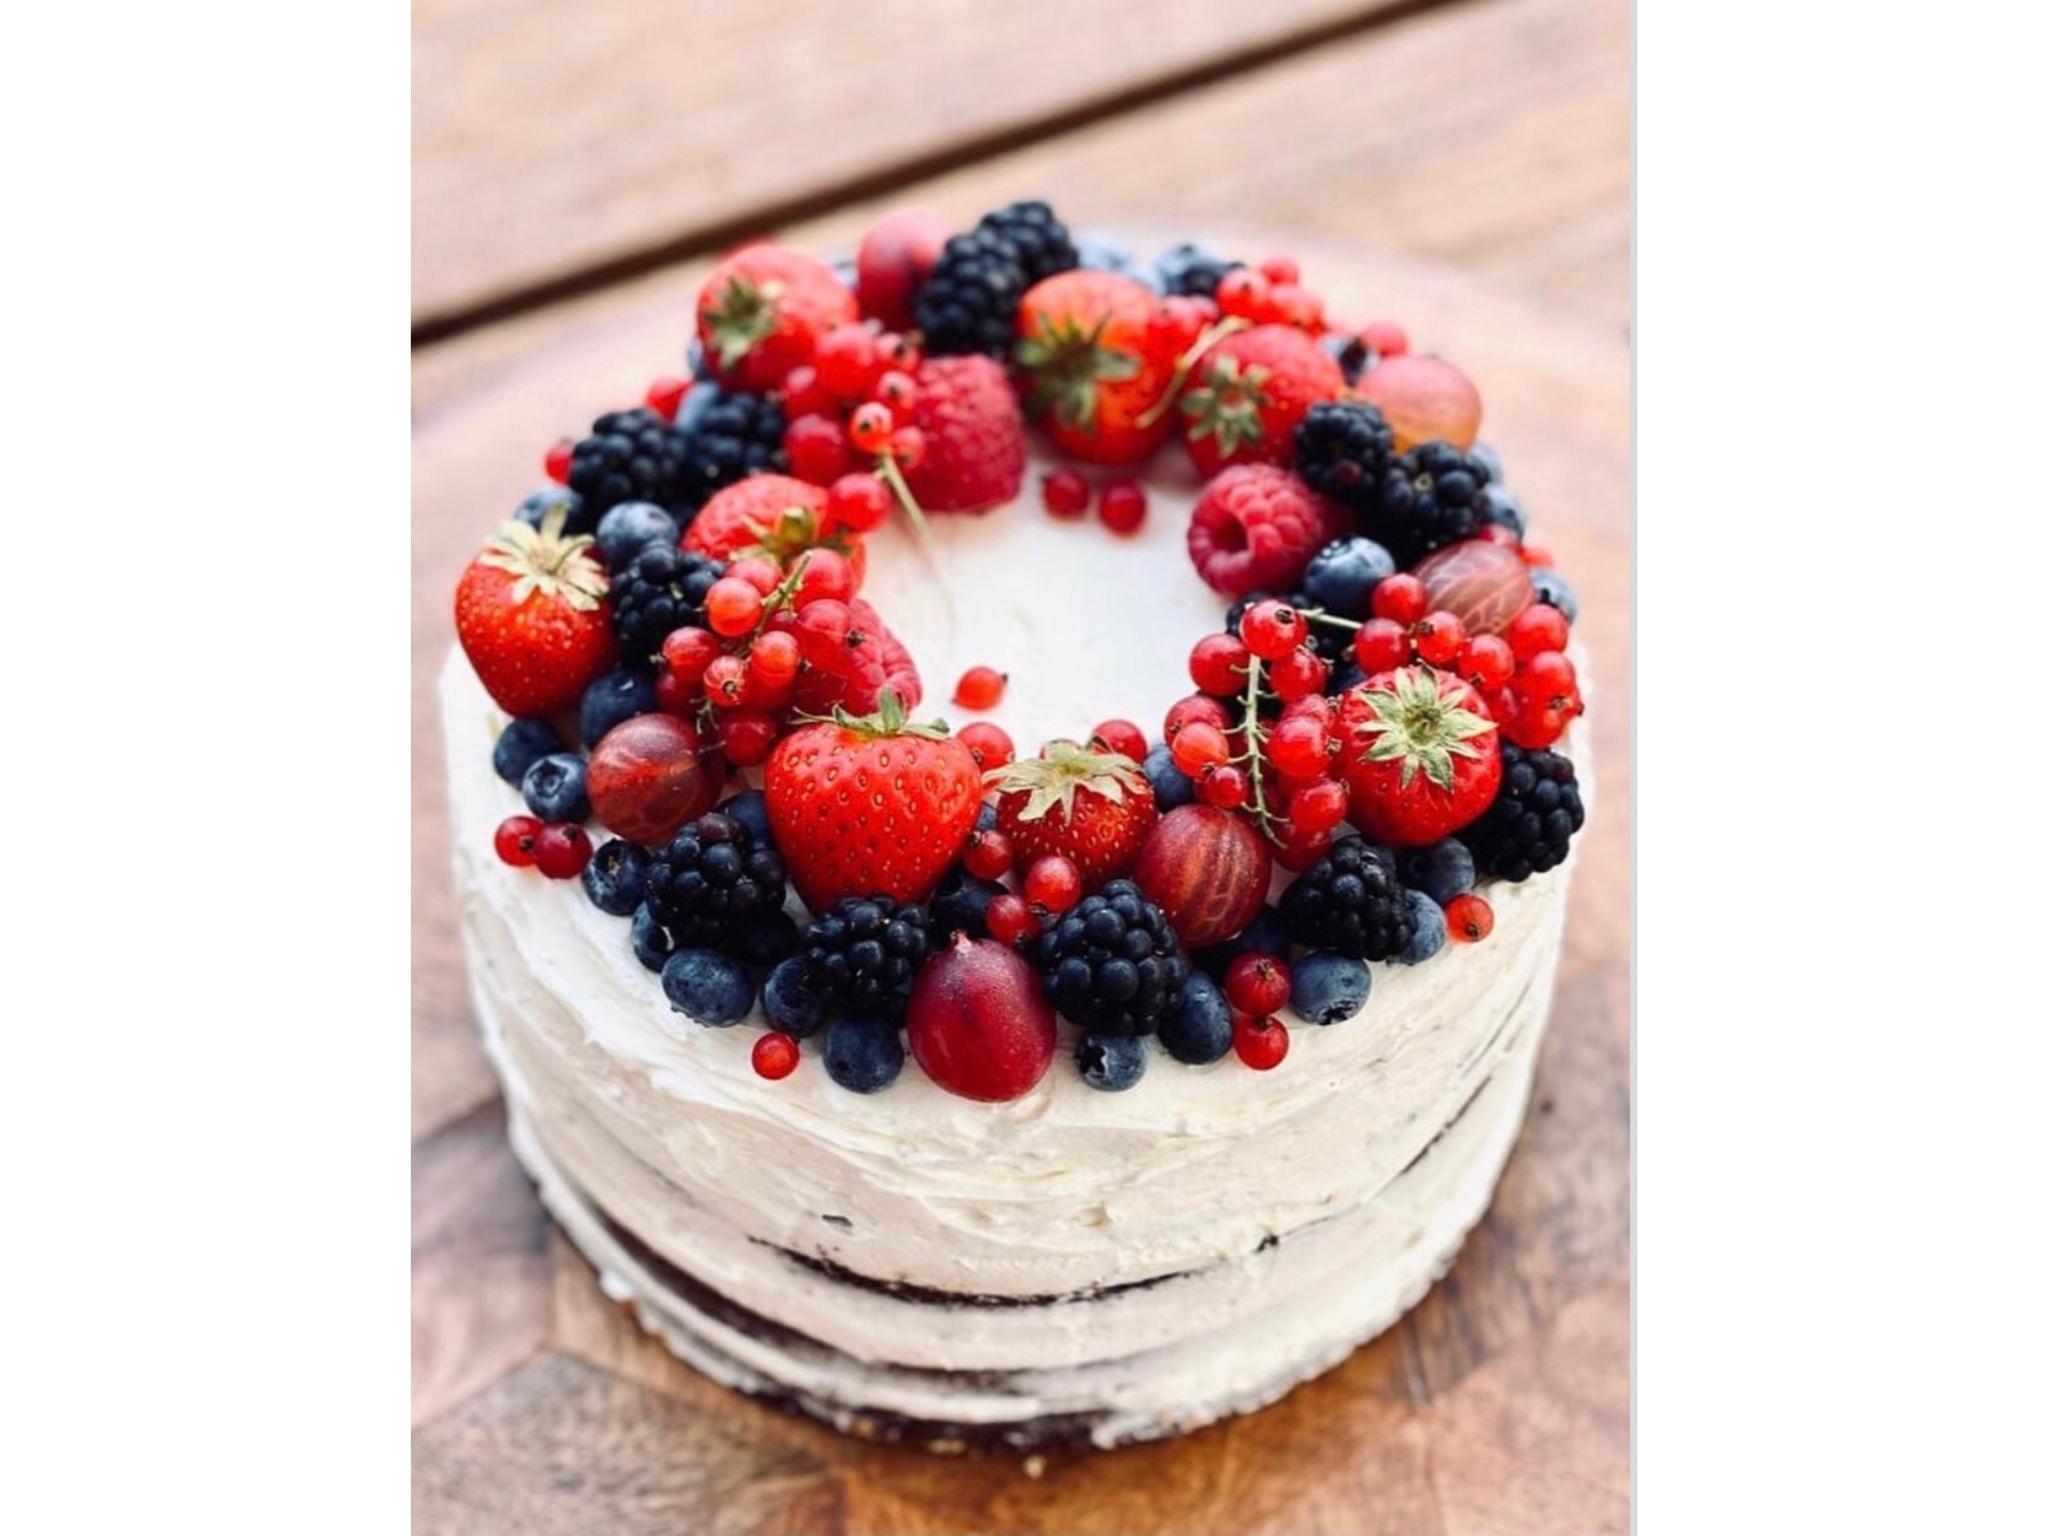 Leckere Torte verziert mit verschiedenen Beerensorten. Foto: Lea Liegau